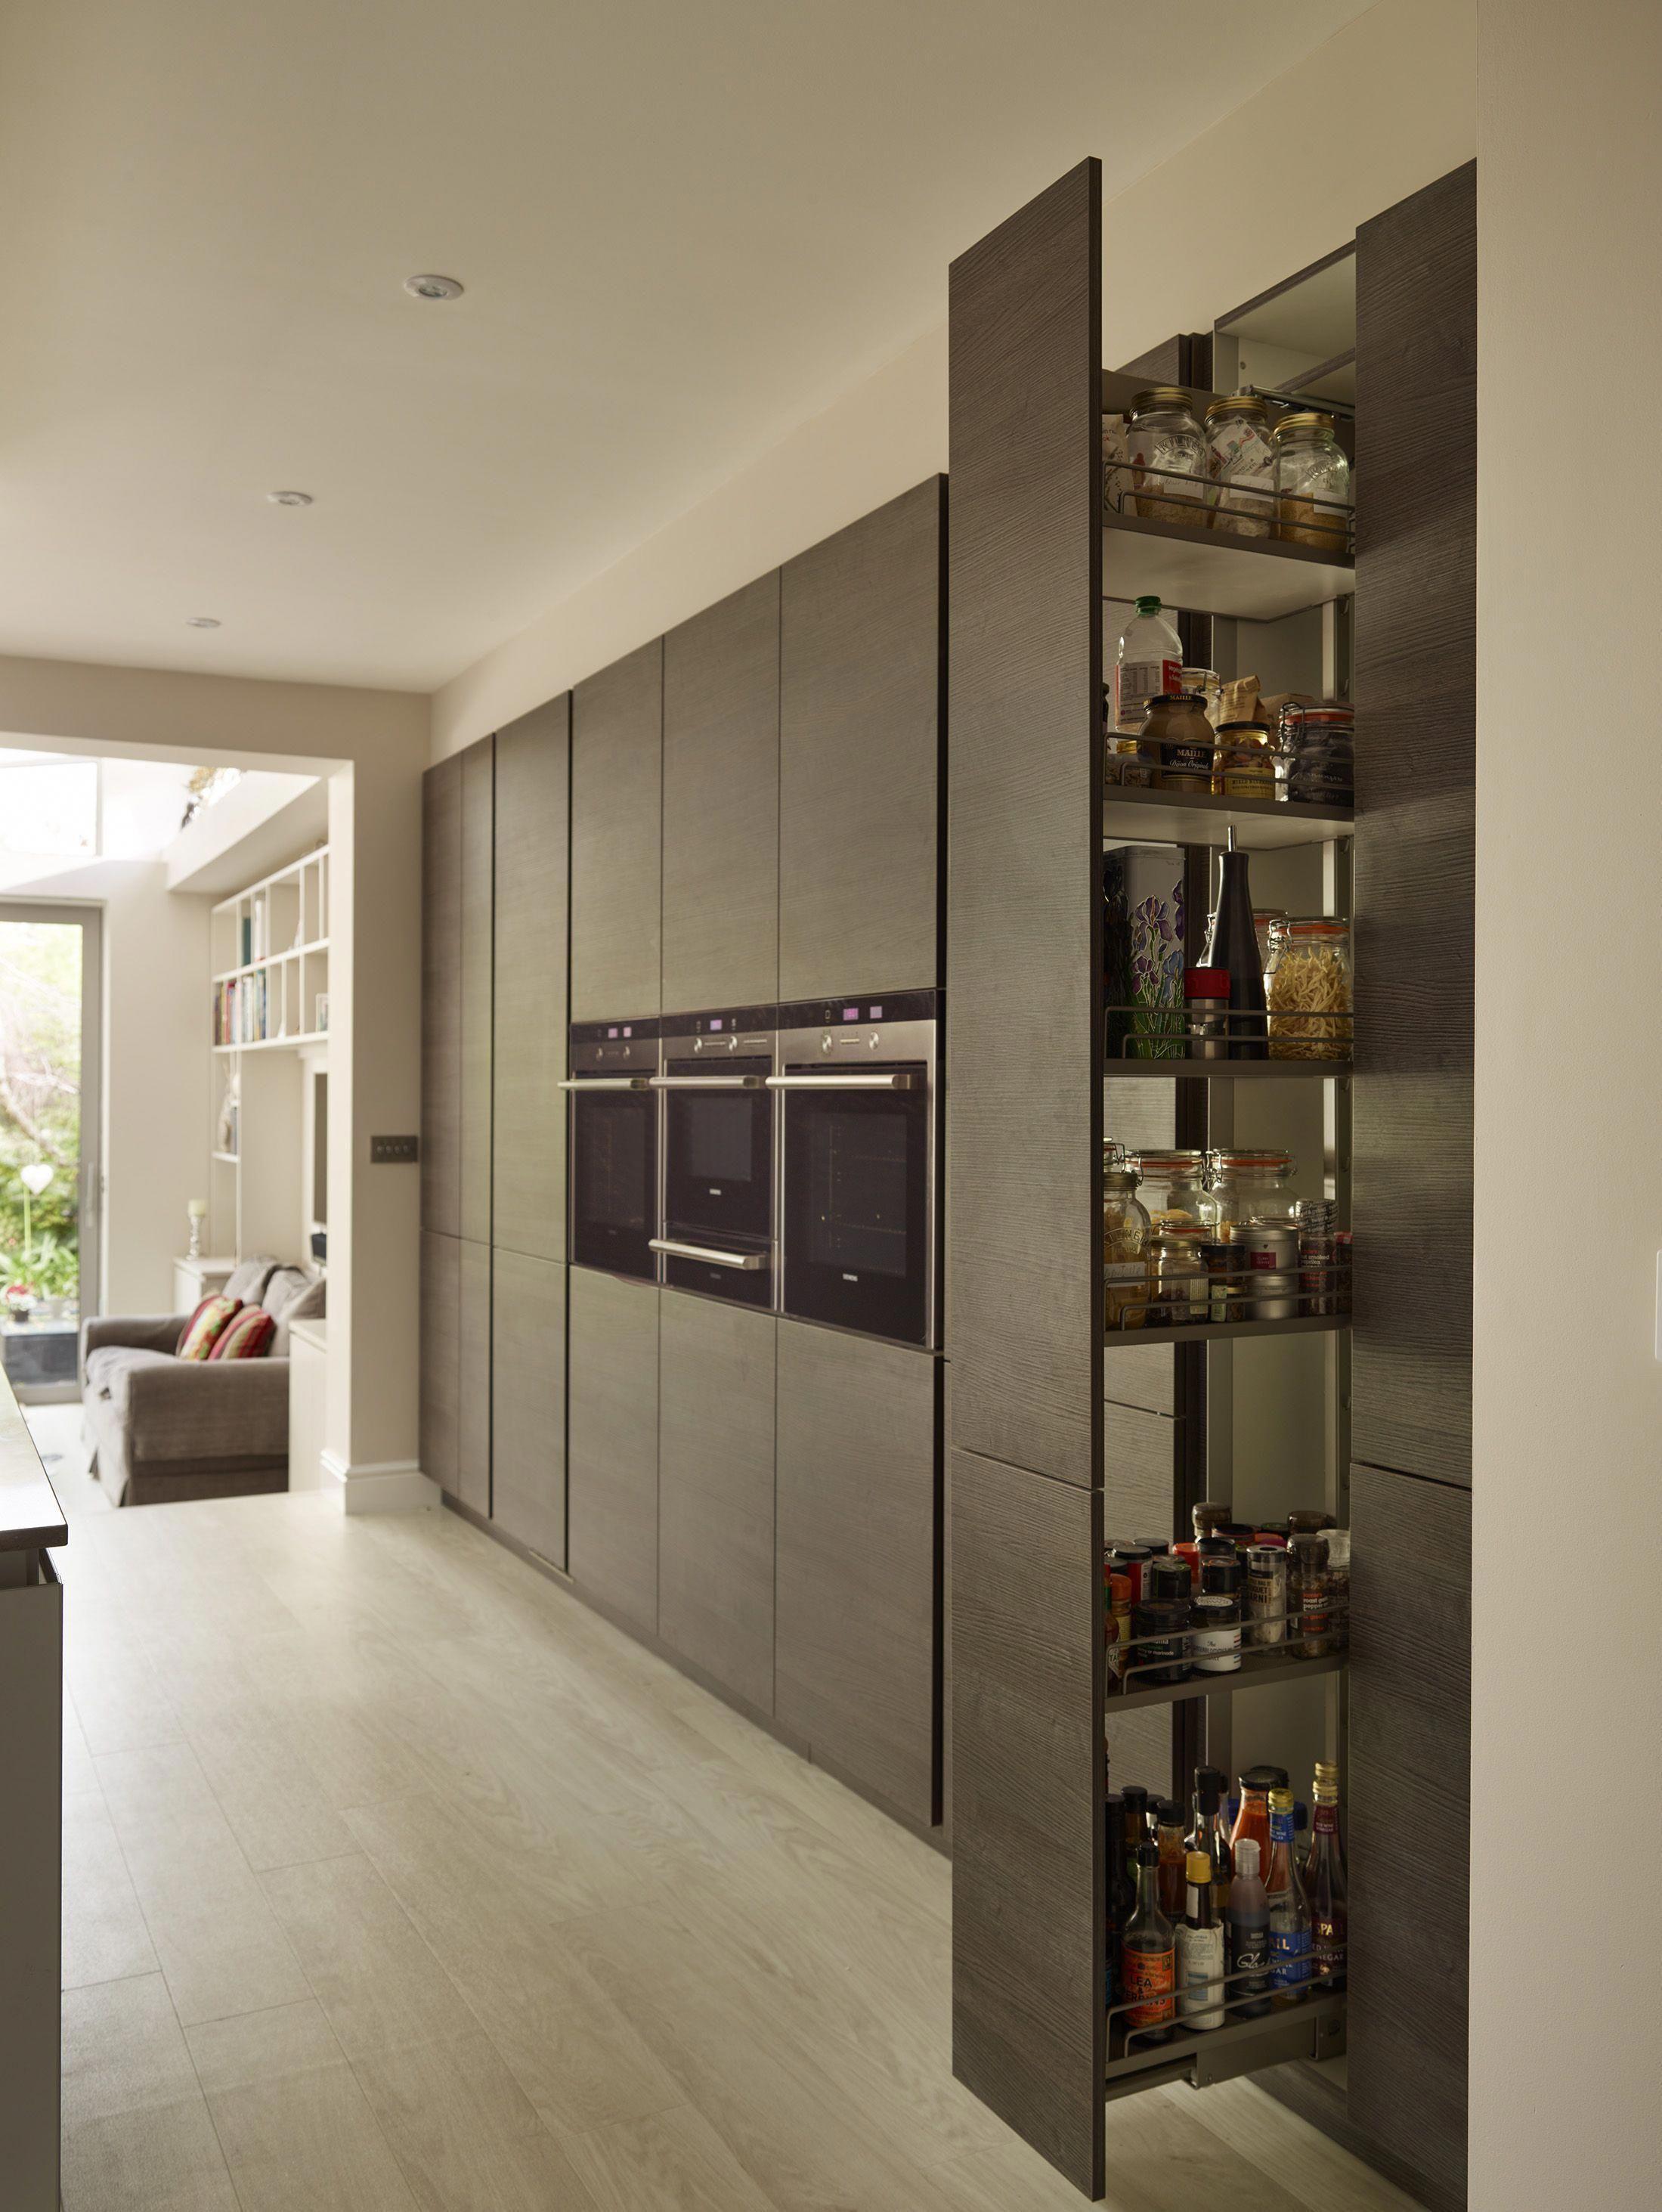 GameChanging Kitchen Storage Ideas - Modern kitchen design, Modern kitchen cabinets, Modern kitchen, Complete kitchens, Kitchen renovation, Kitchen storage - Make your space work smarter, not harder